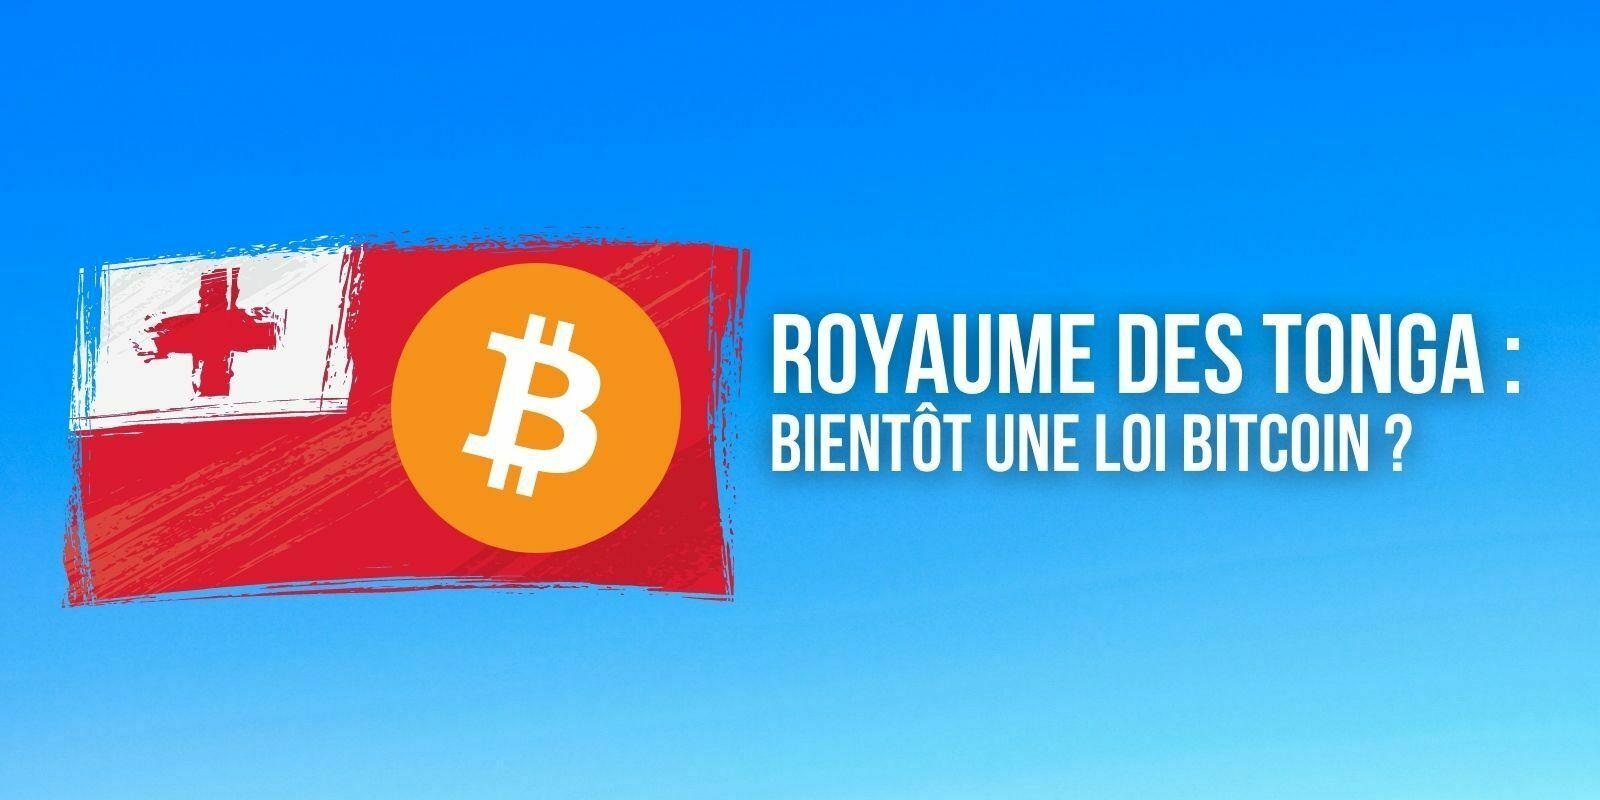 Royaume des Tonga : un projet de loi prévoit d'adopter le Bitcoin (BTC) en mai 2022